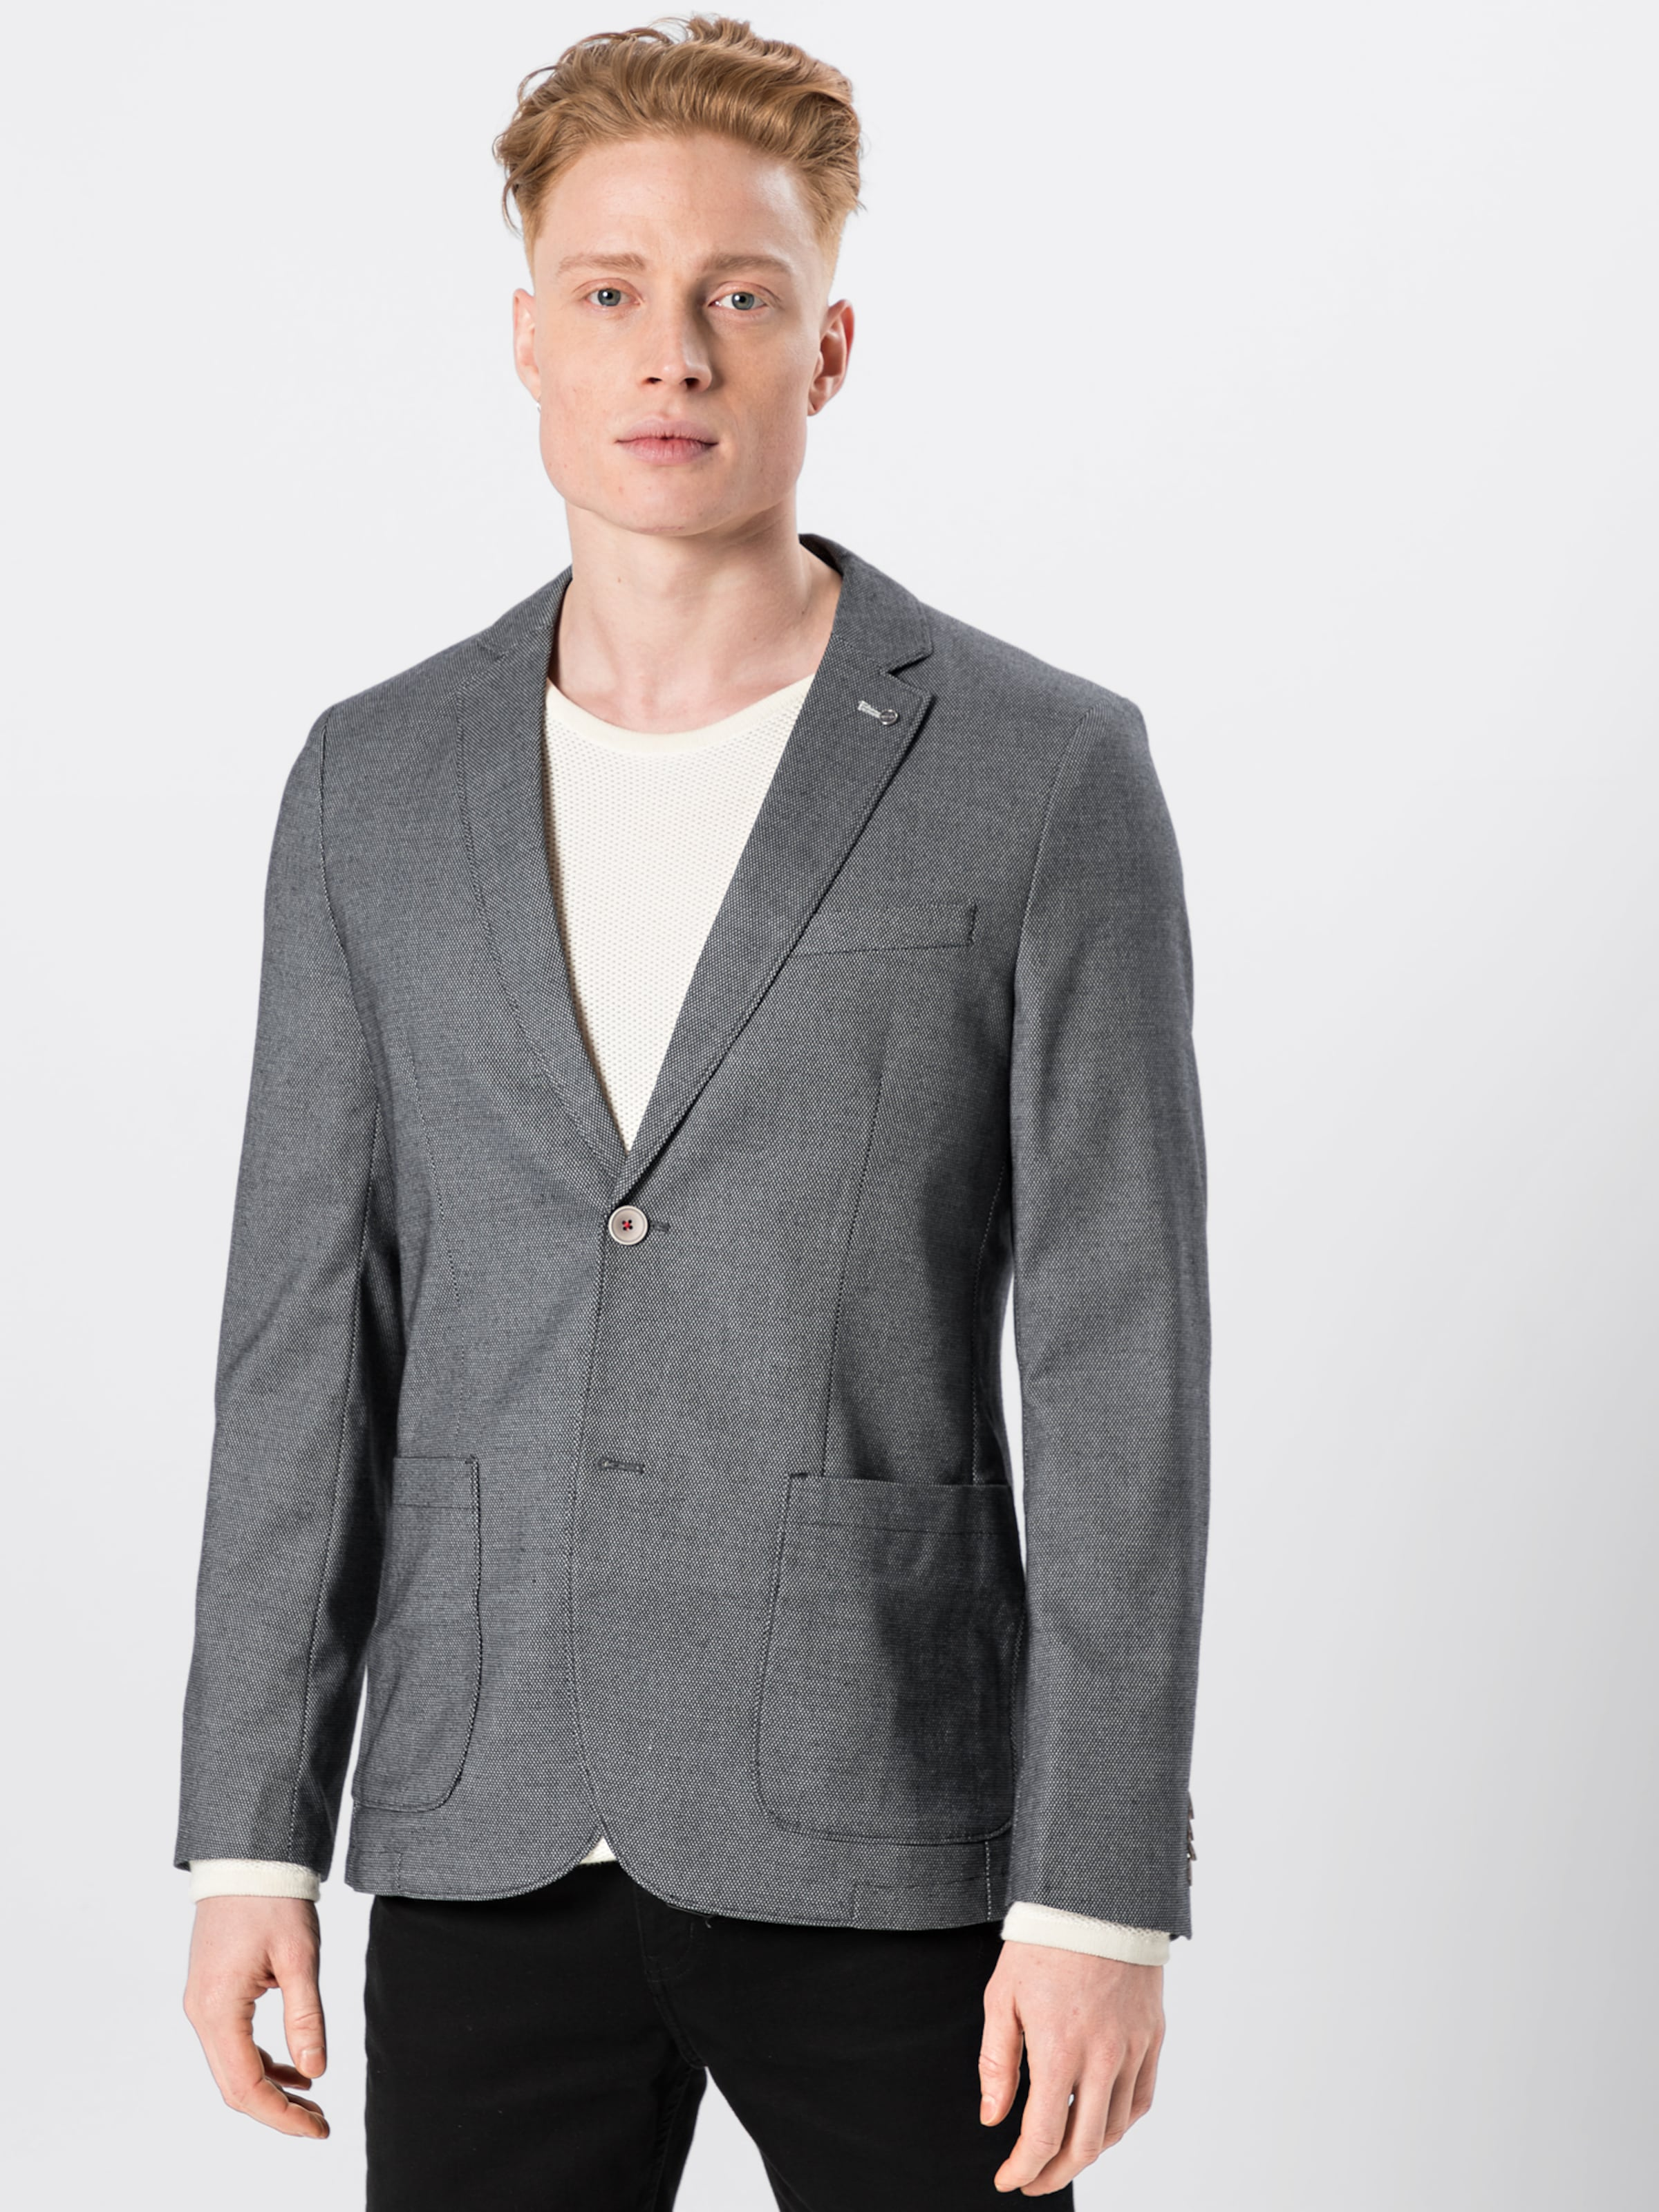 Tom Sakko Tom Grau In Tom Sakko Grau Tailor Tailor In vN8nOm0w